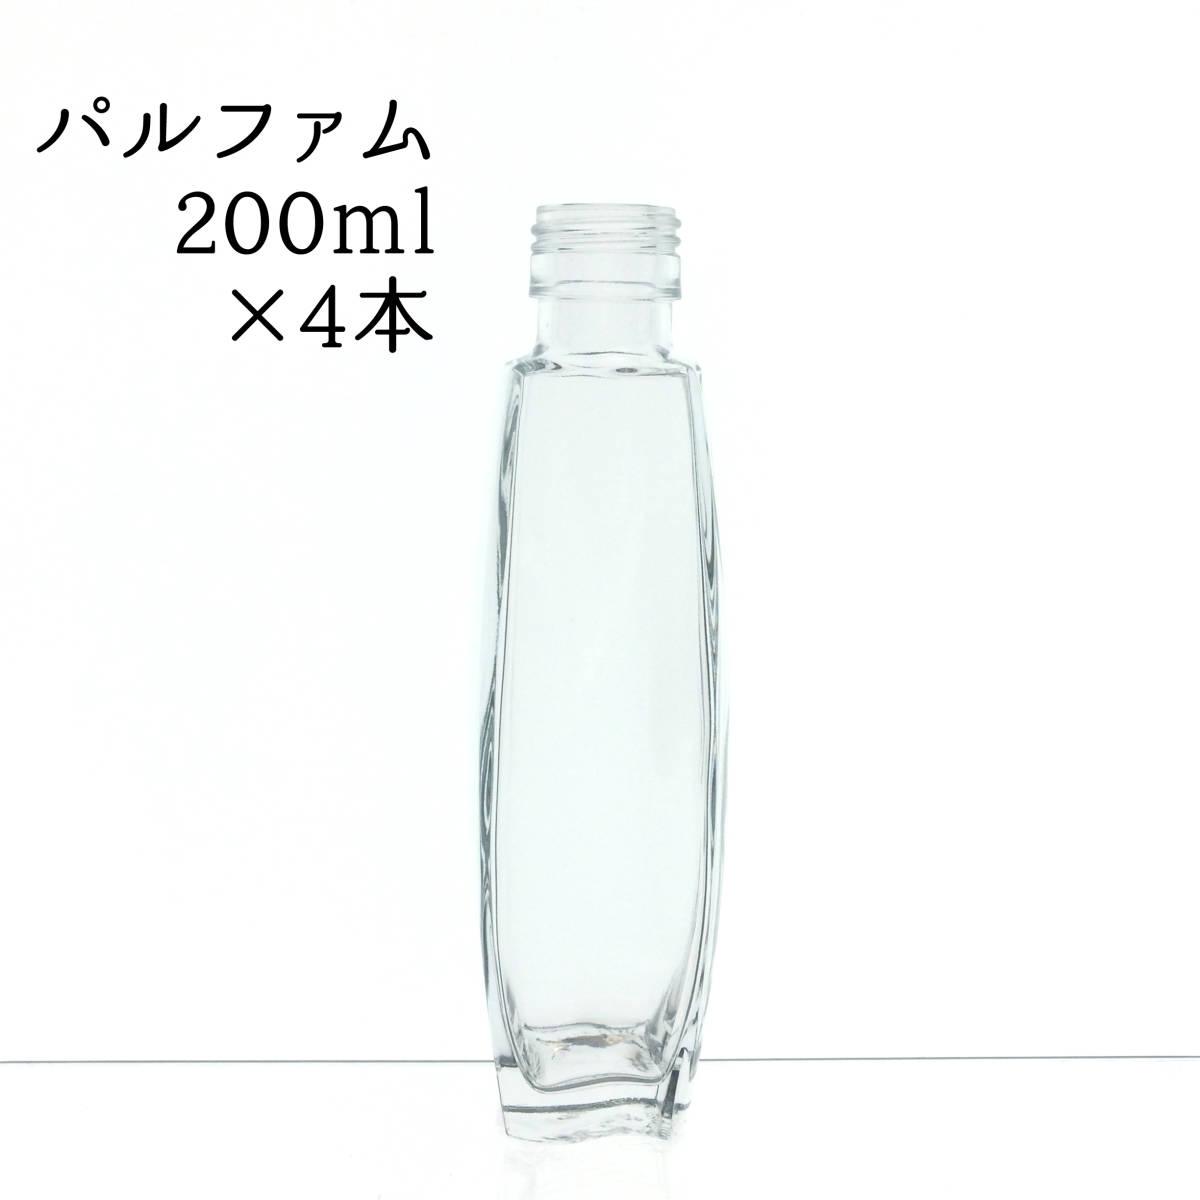 ハーバリウム瓶 パルファム200ml 4本 ♪♪_画像1